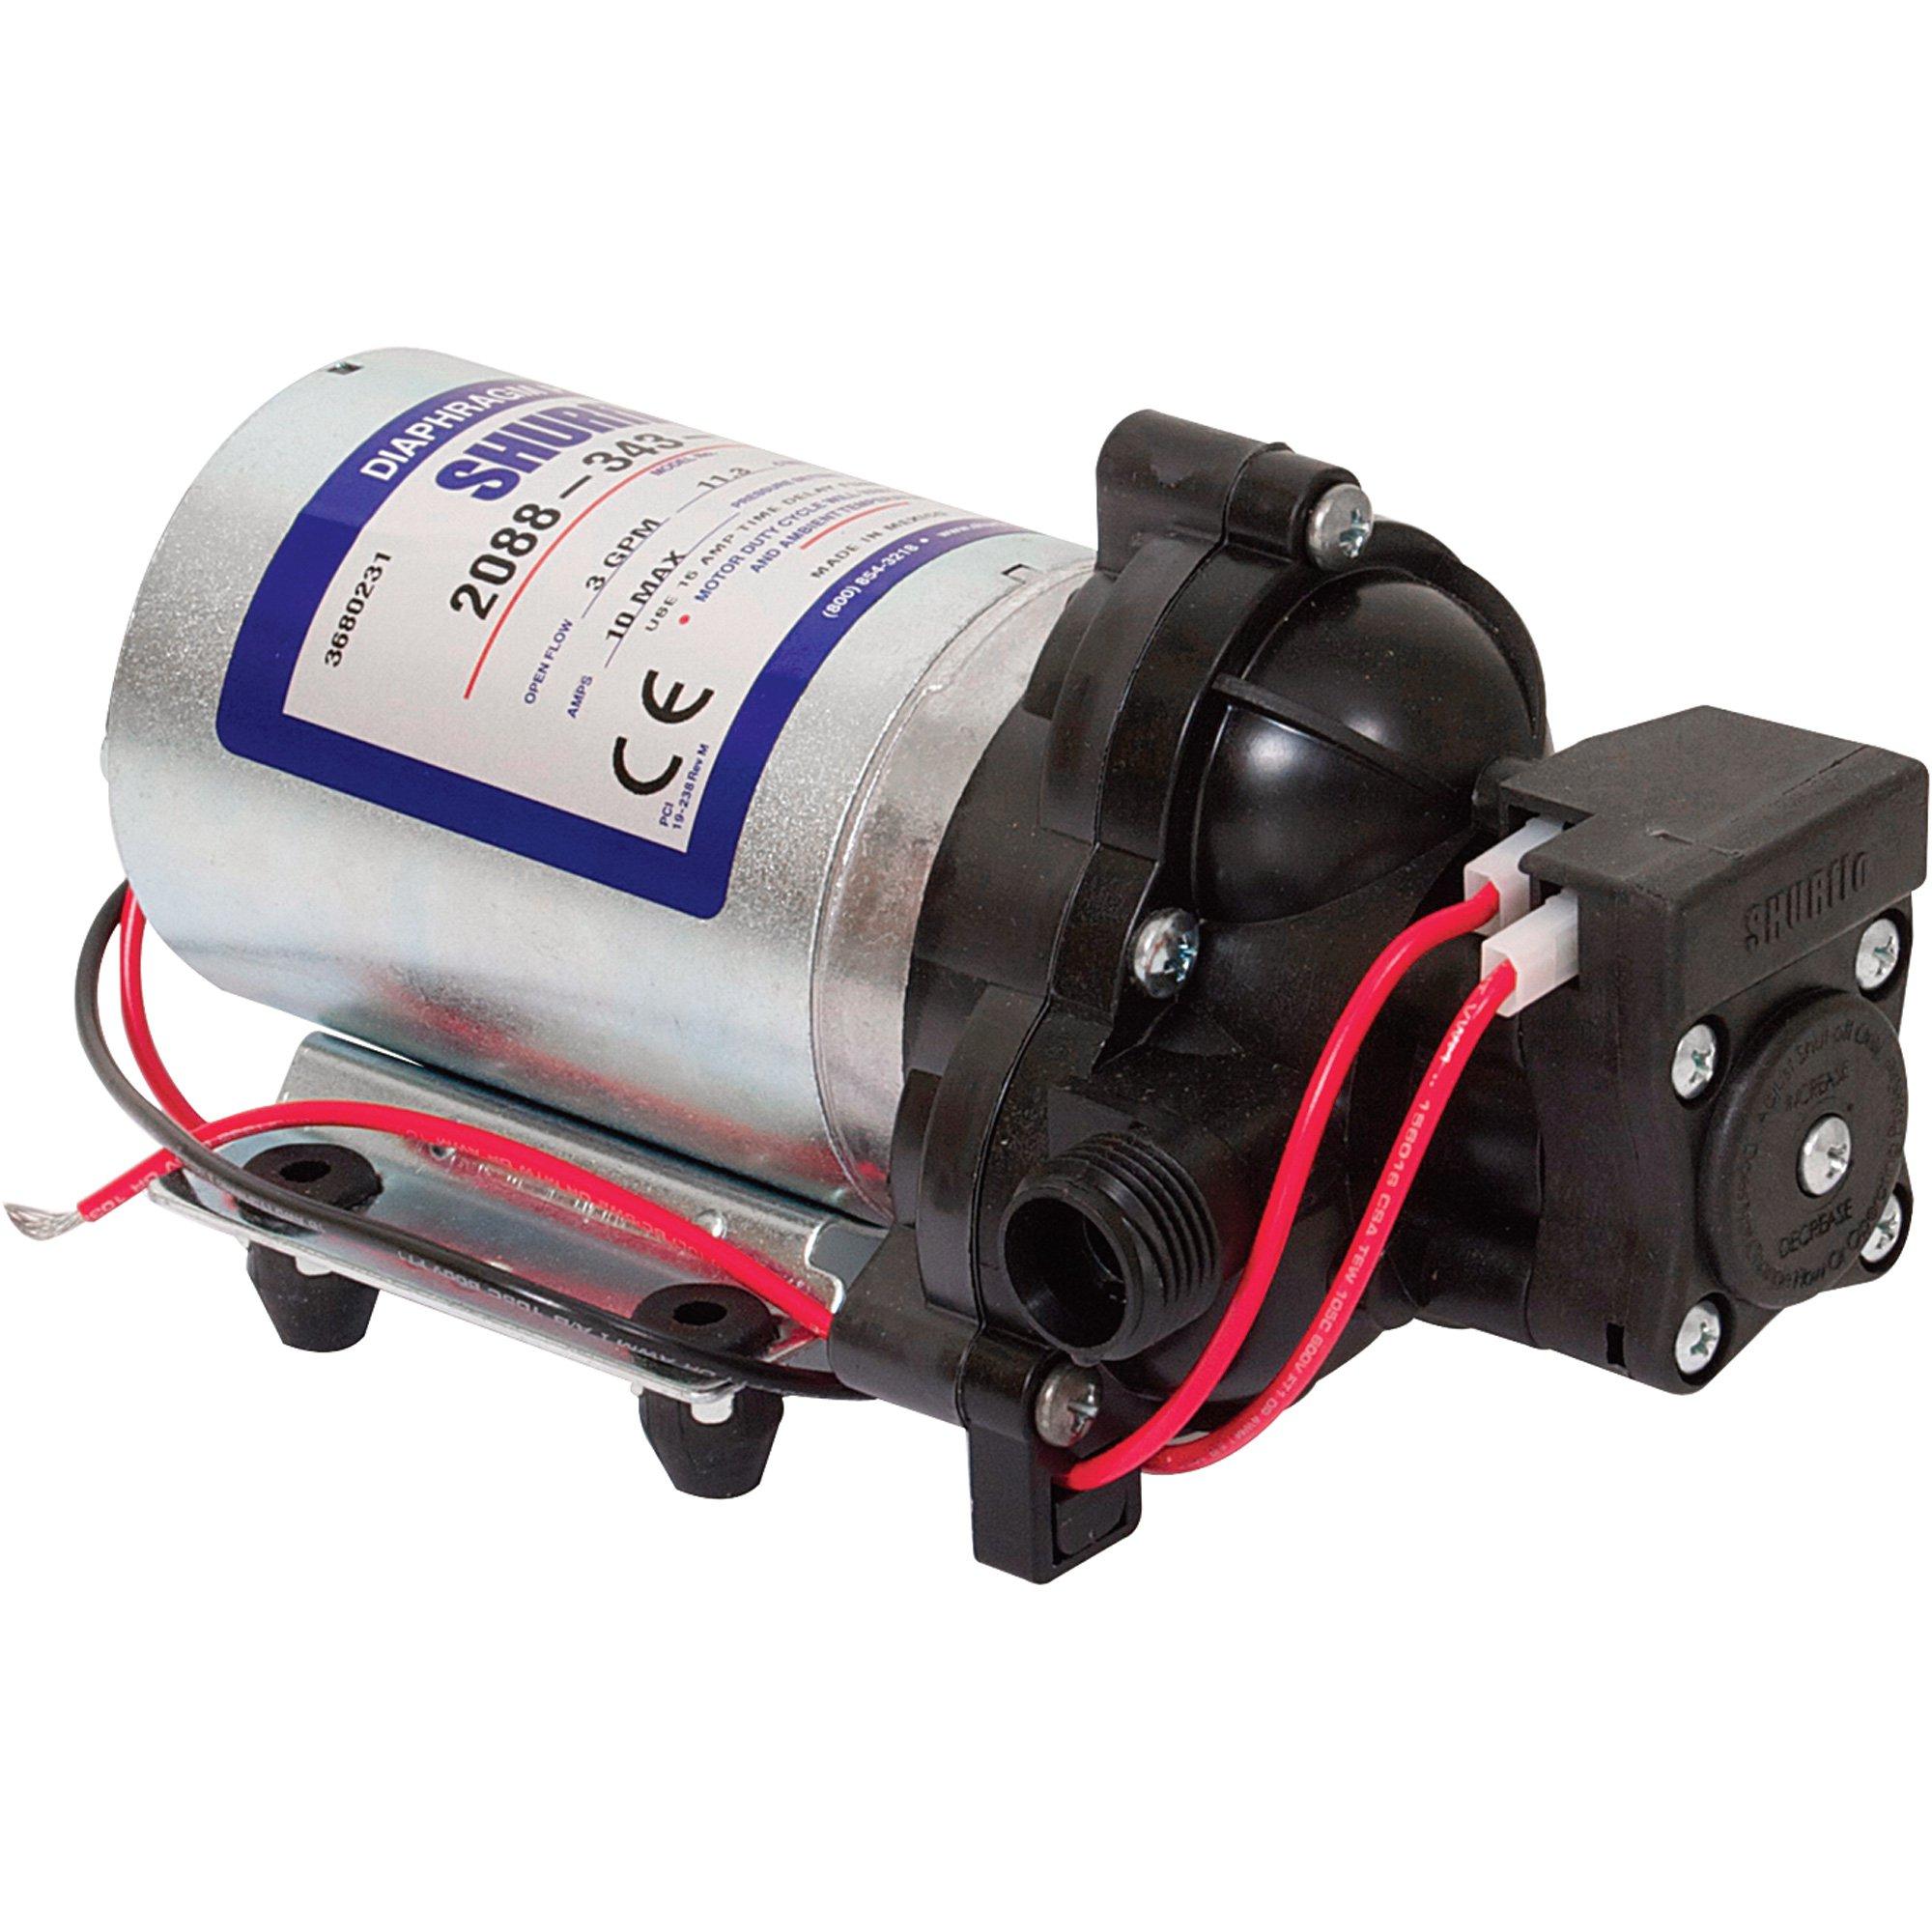 Shurflo Self-Priming 12 Volt Diaphragm Water Pump — 180 Gph, 1/2In - Shurflo Water Pump Wiring Diagram